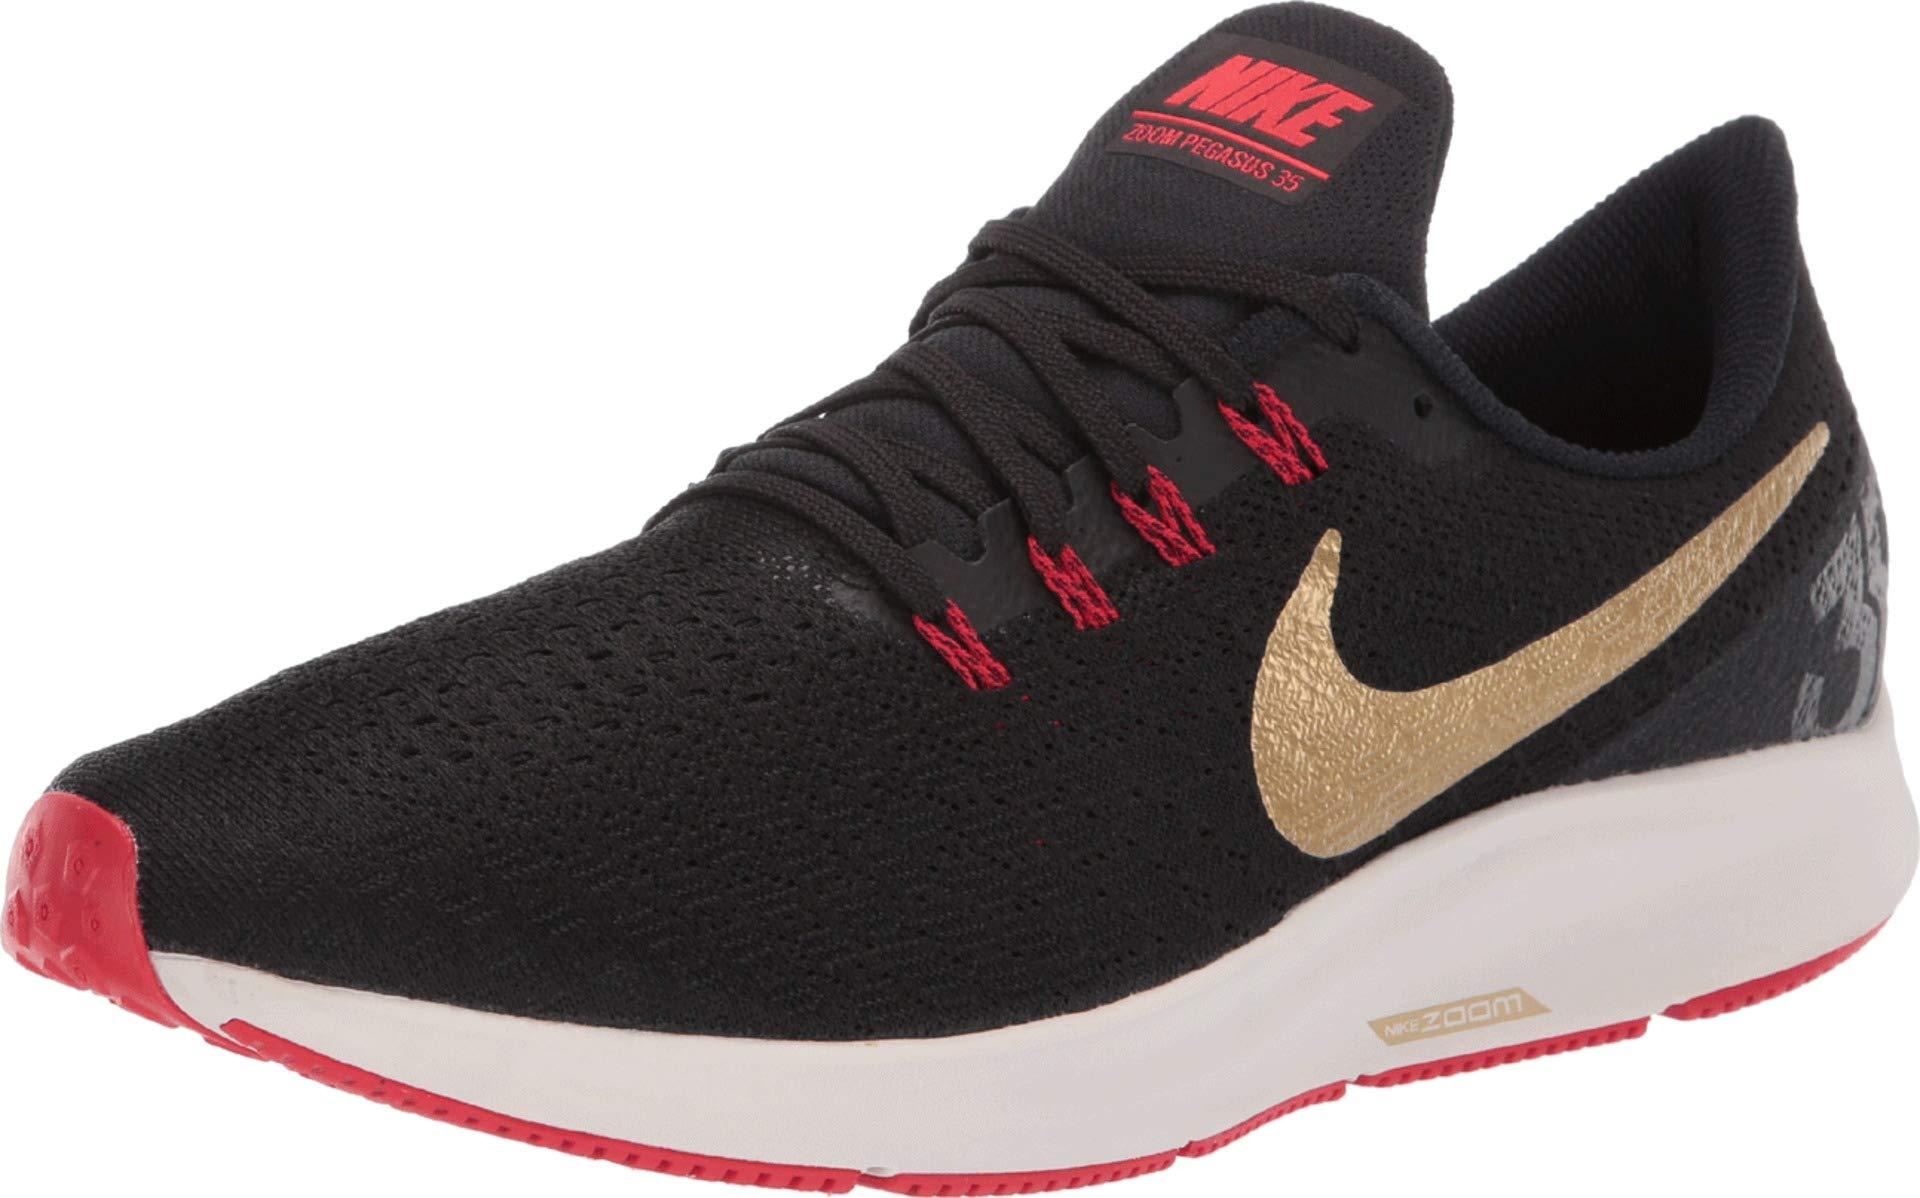 Nike Air Zoom Pegasus 35 Sz 6.5 Mens Running Black/Metallic Gold-University Red Shoes by Nike (Image #1)